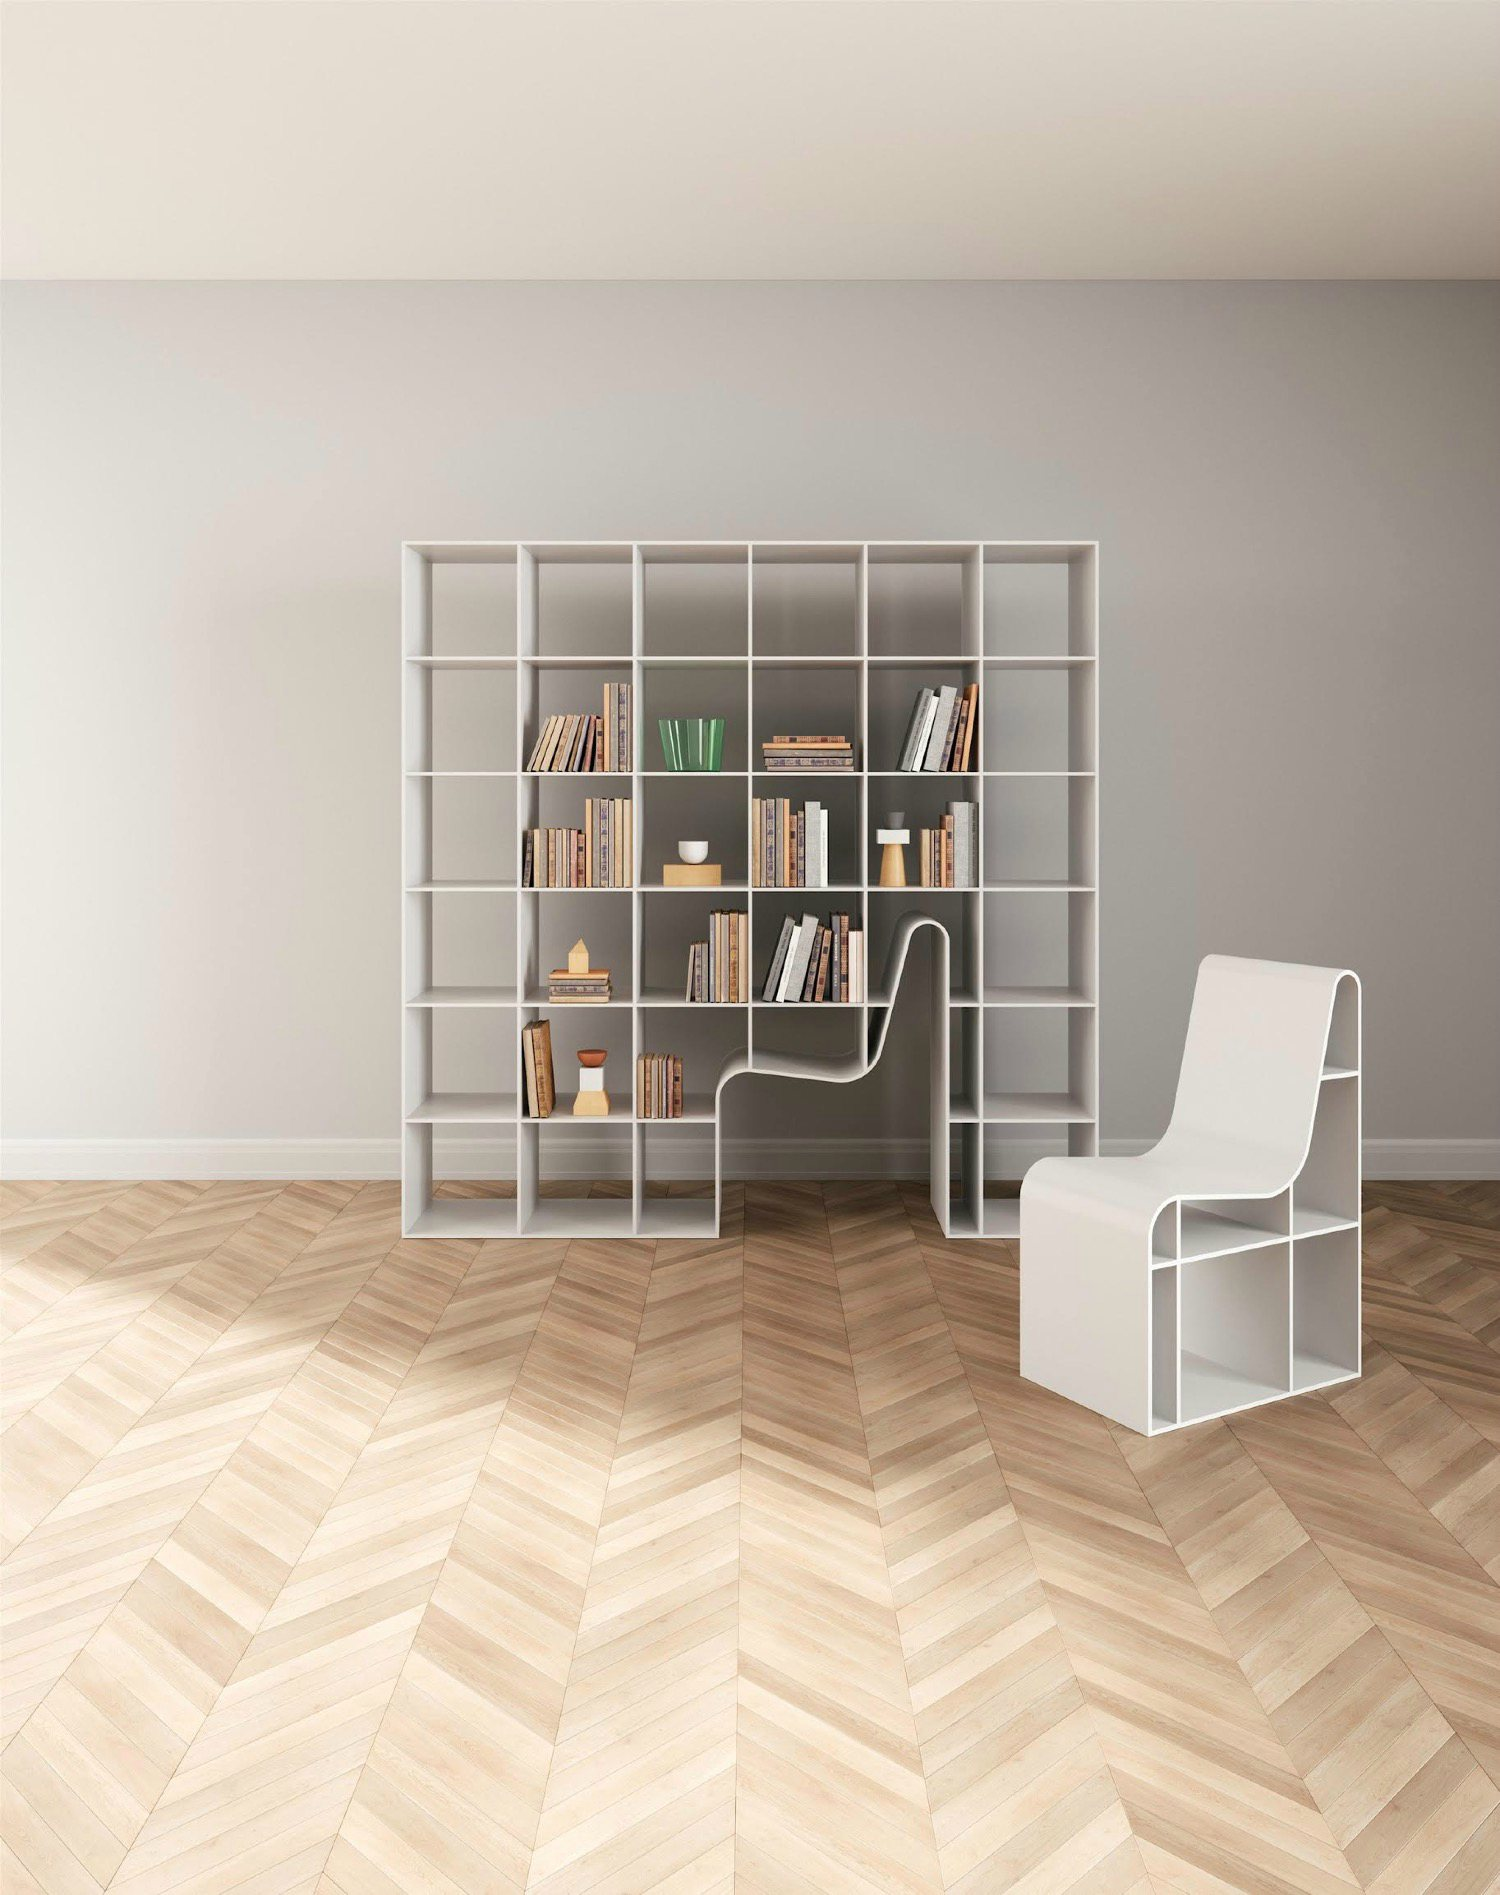 iGNANT_Design_Sou_Fujimoto_Bookchair_1